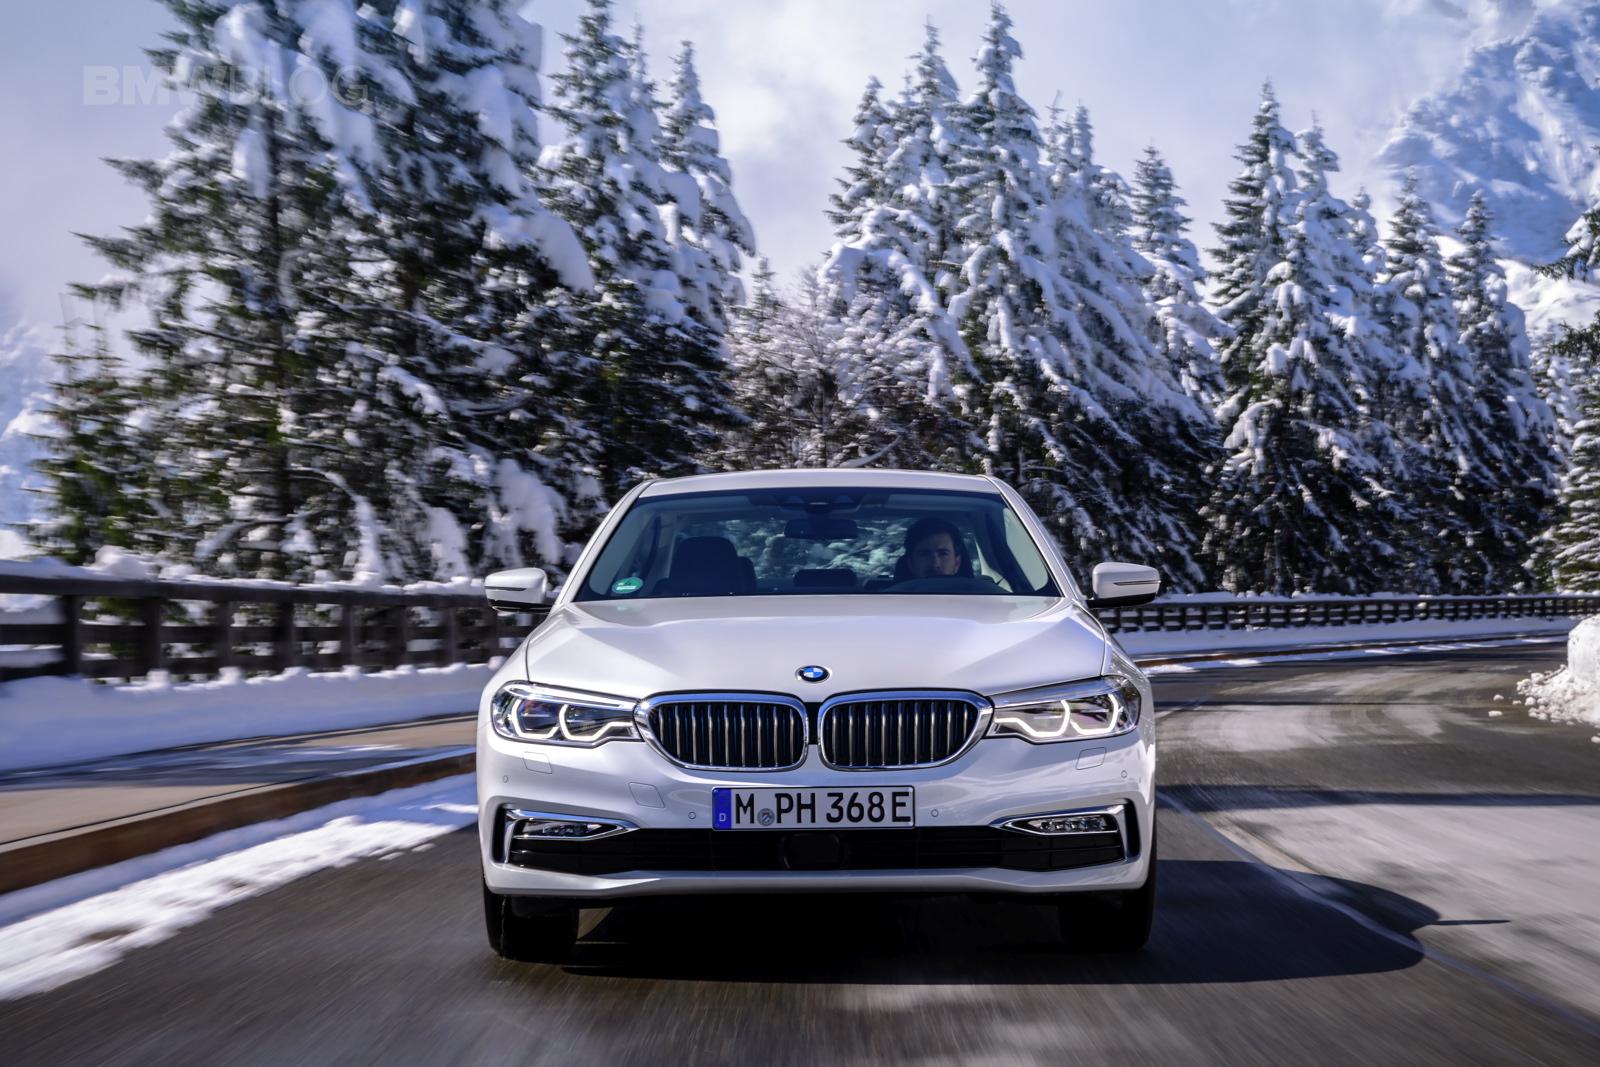 2018 BMW 530e test drive 10